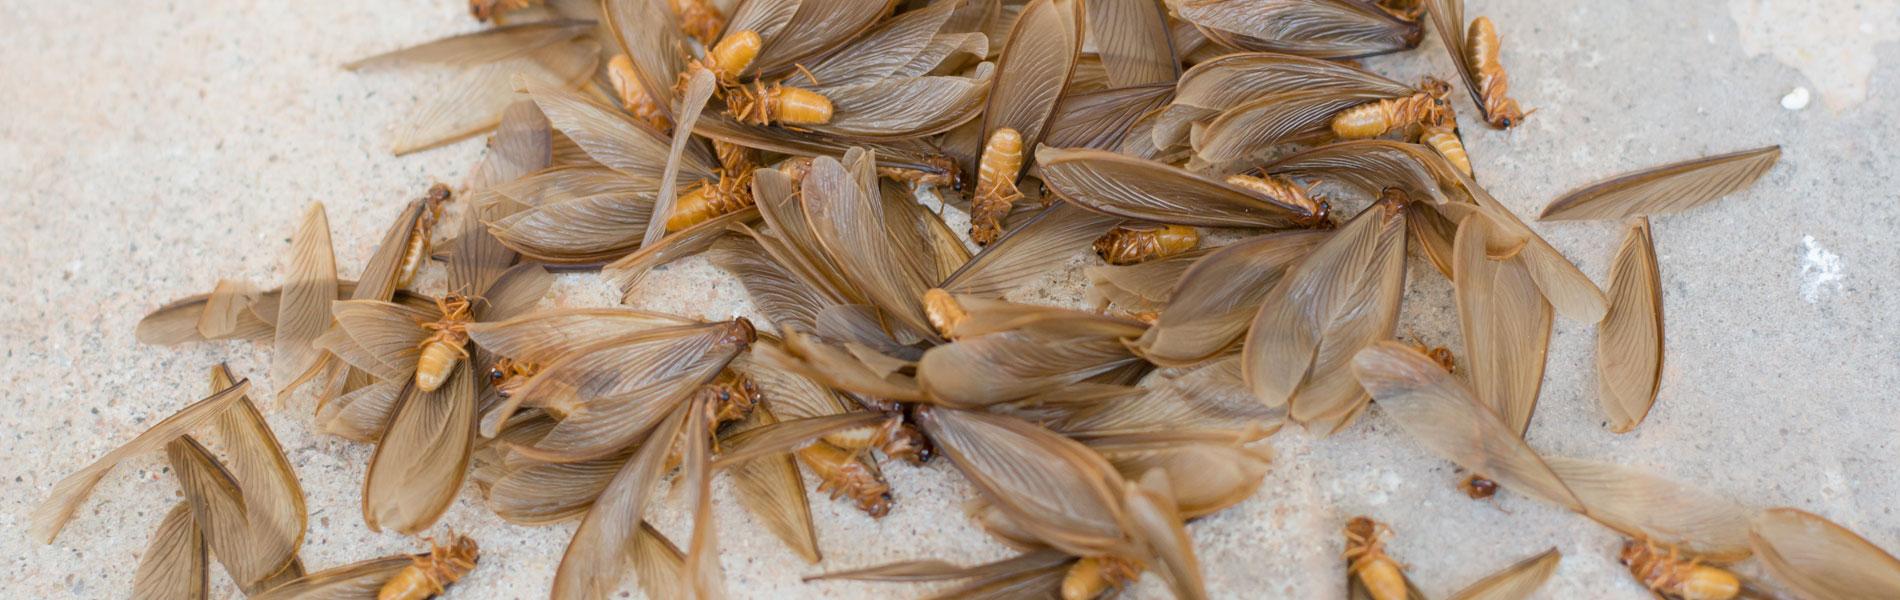 flying white ants